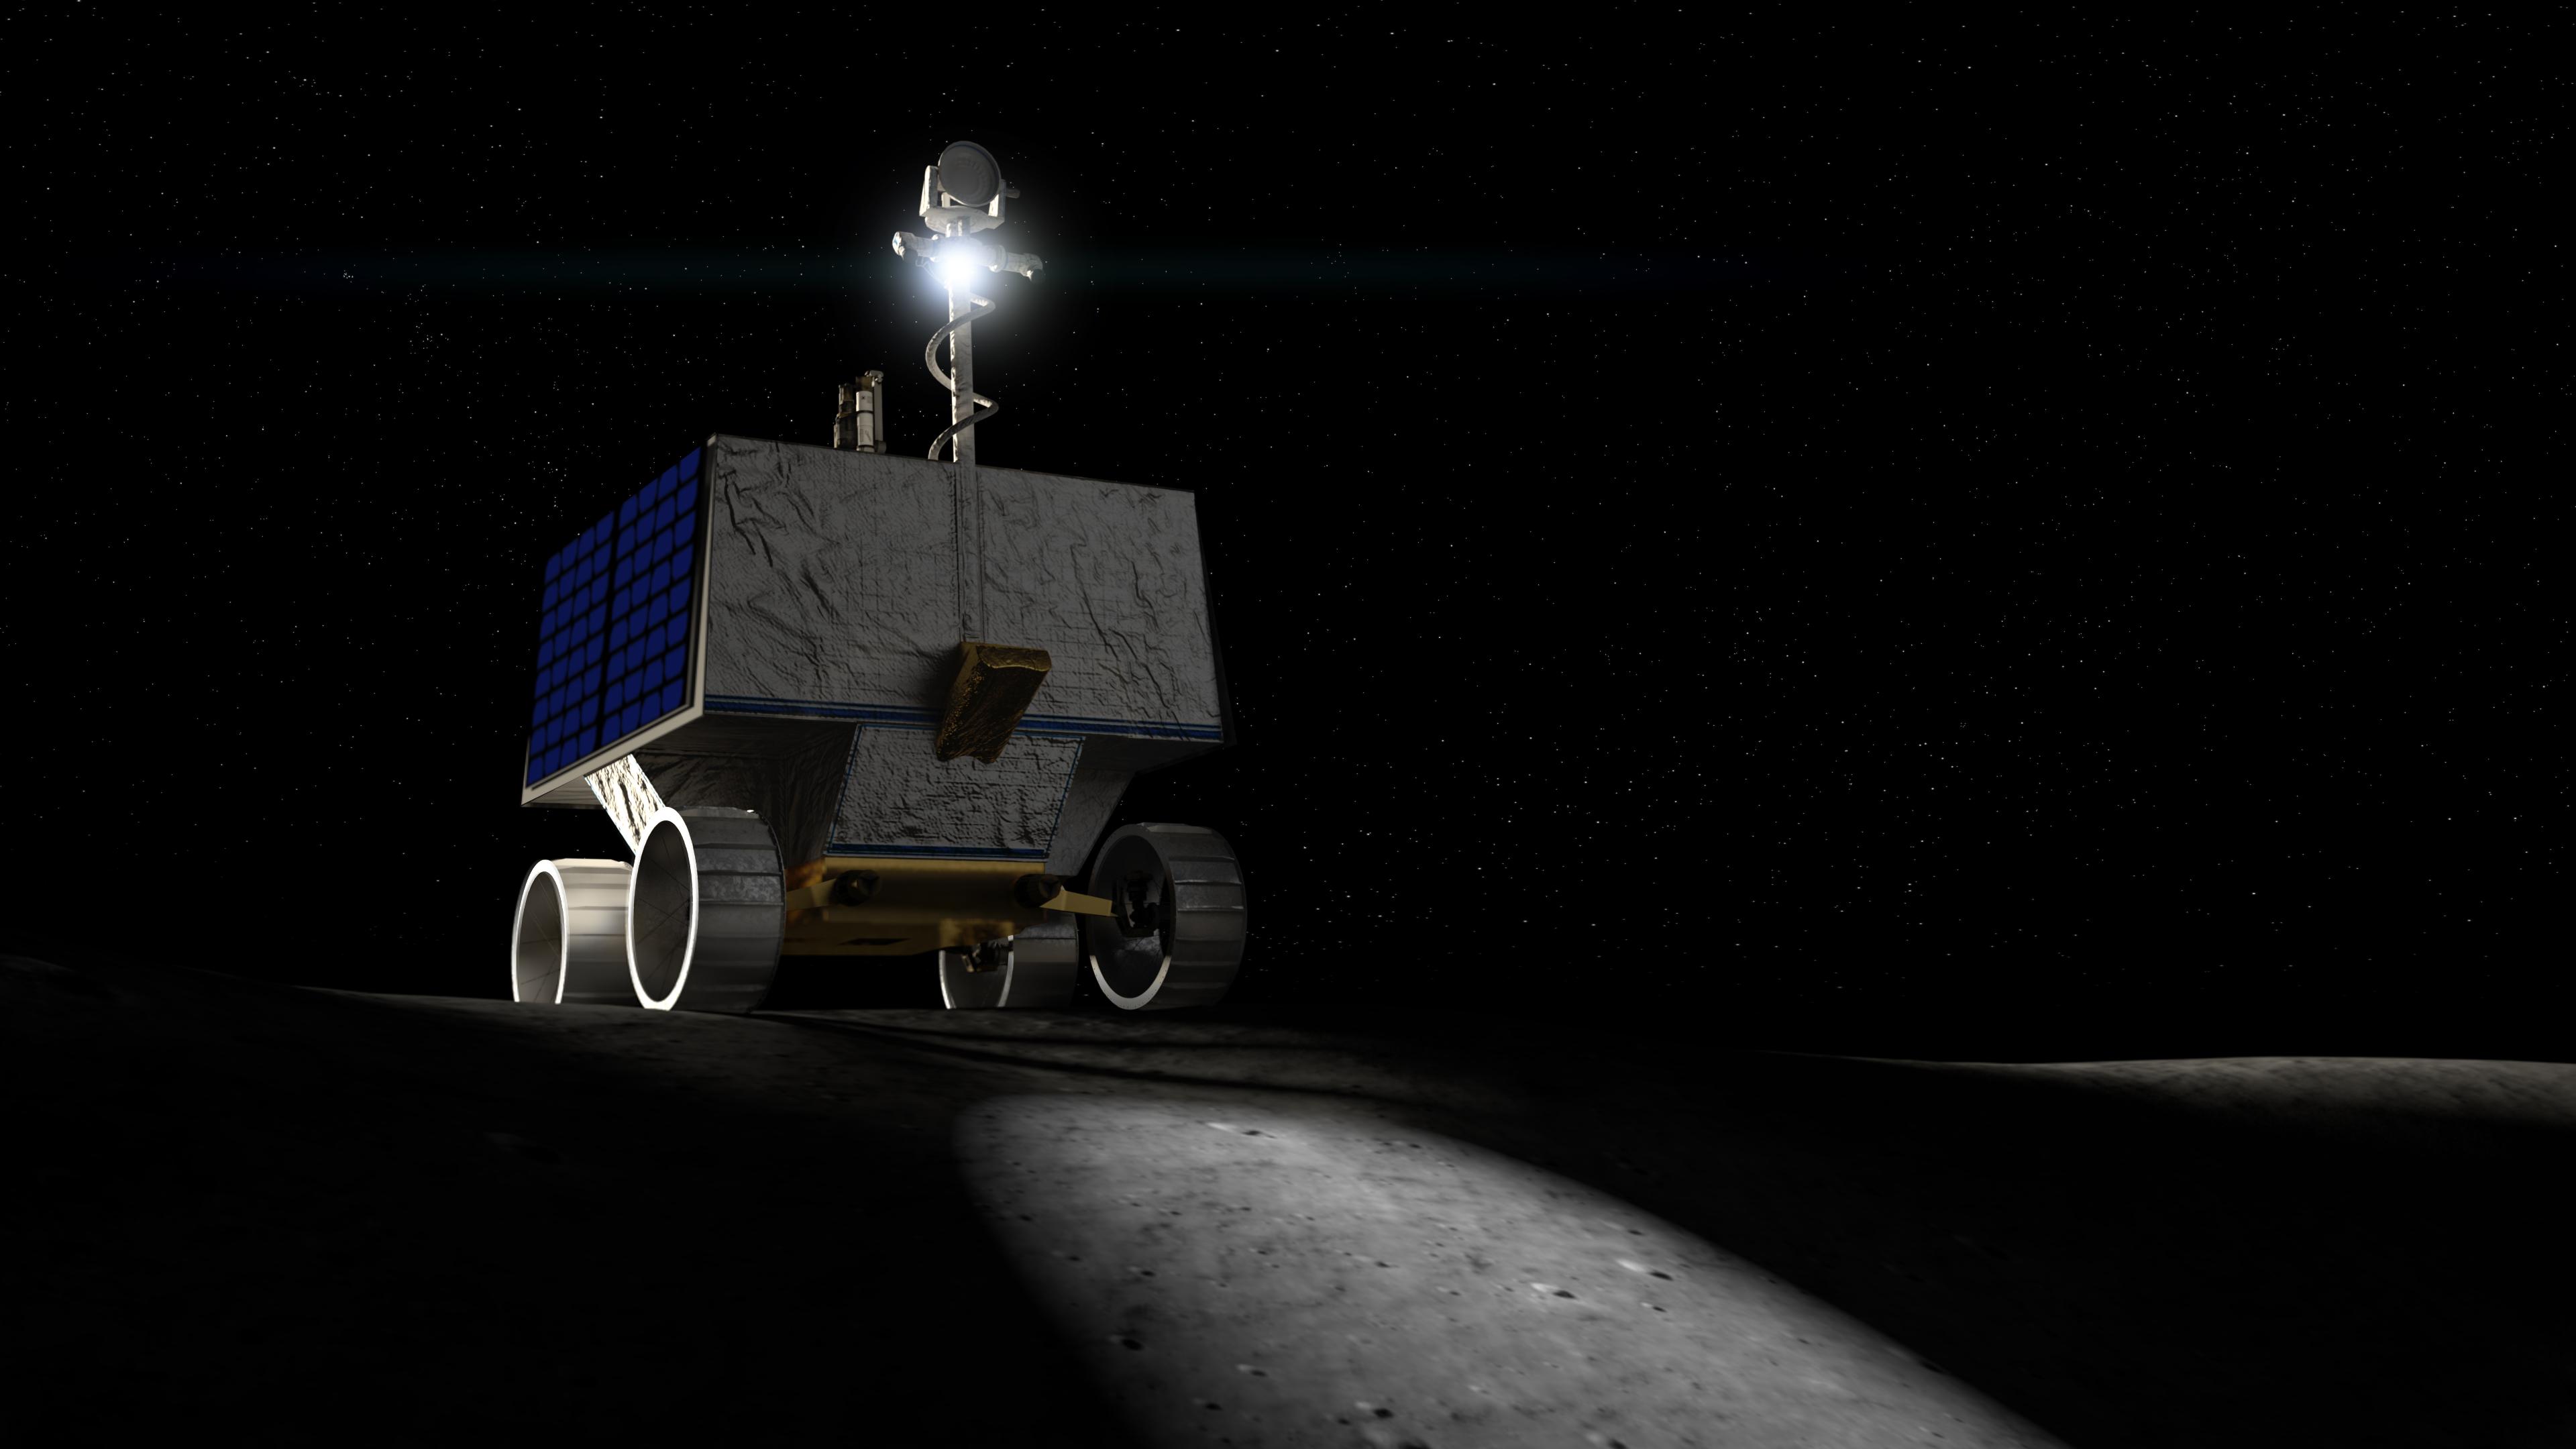 Credits: NASA Ames/Daniel Rutter